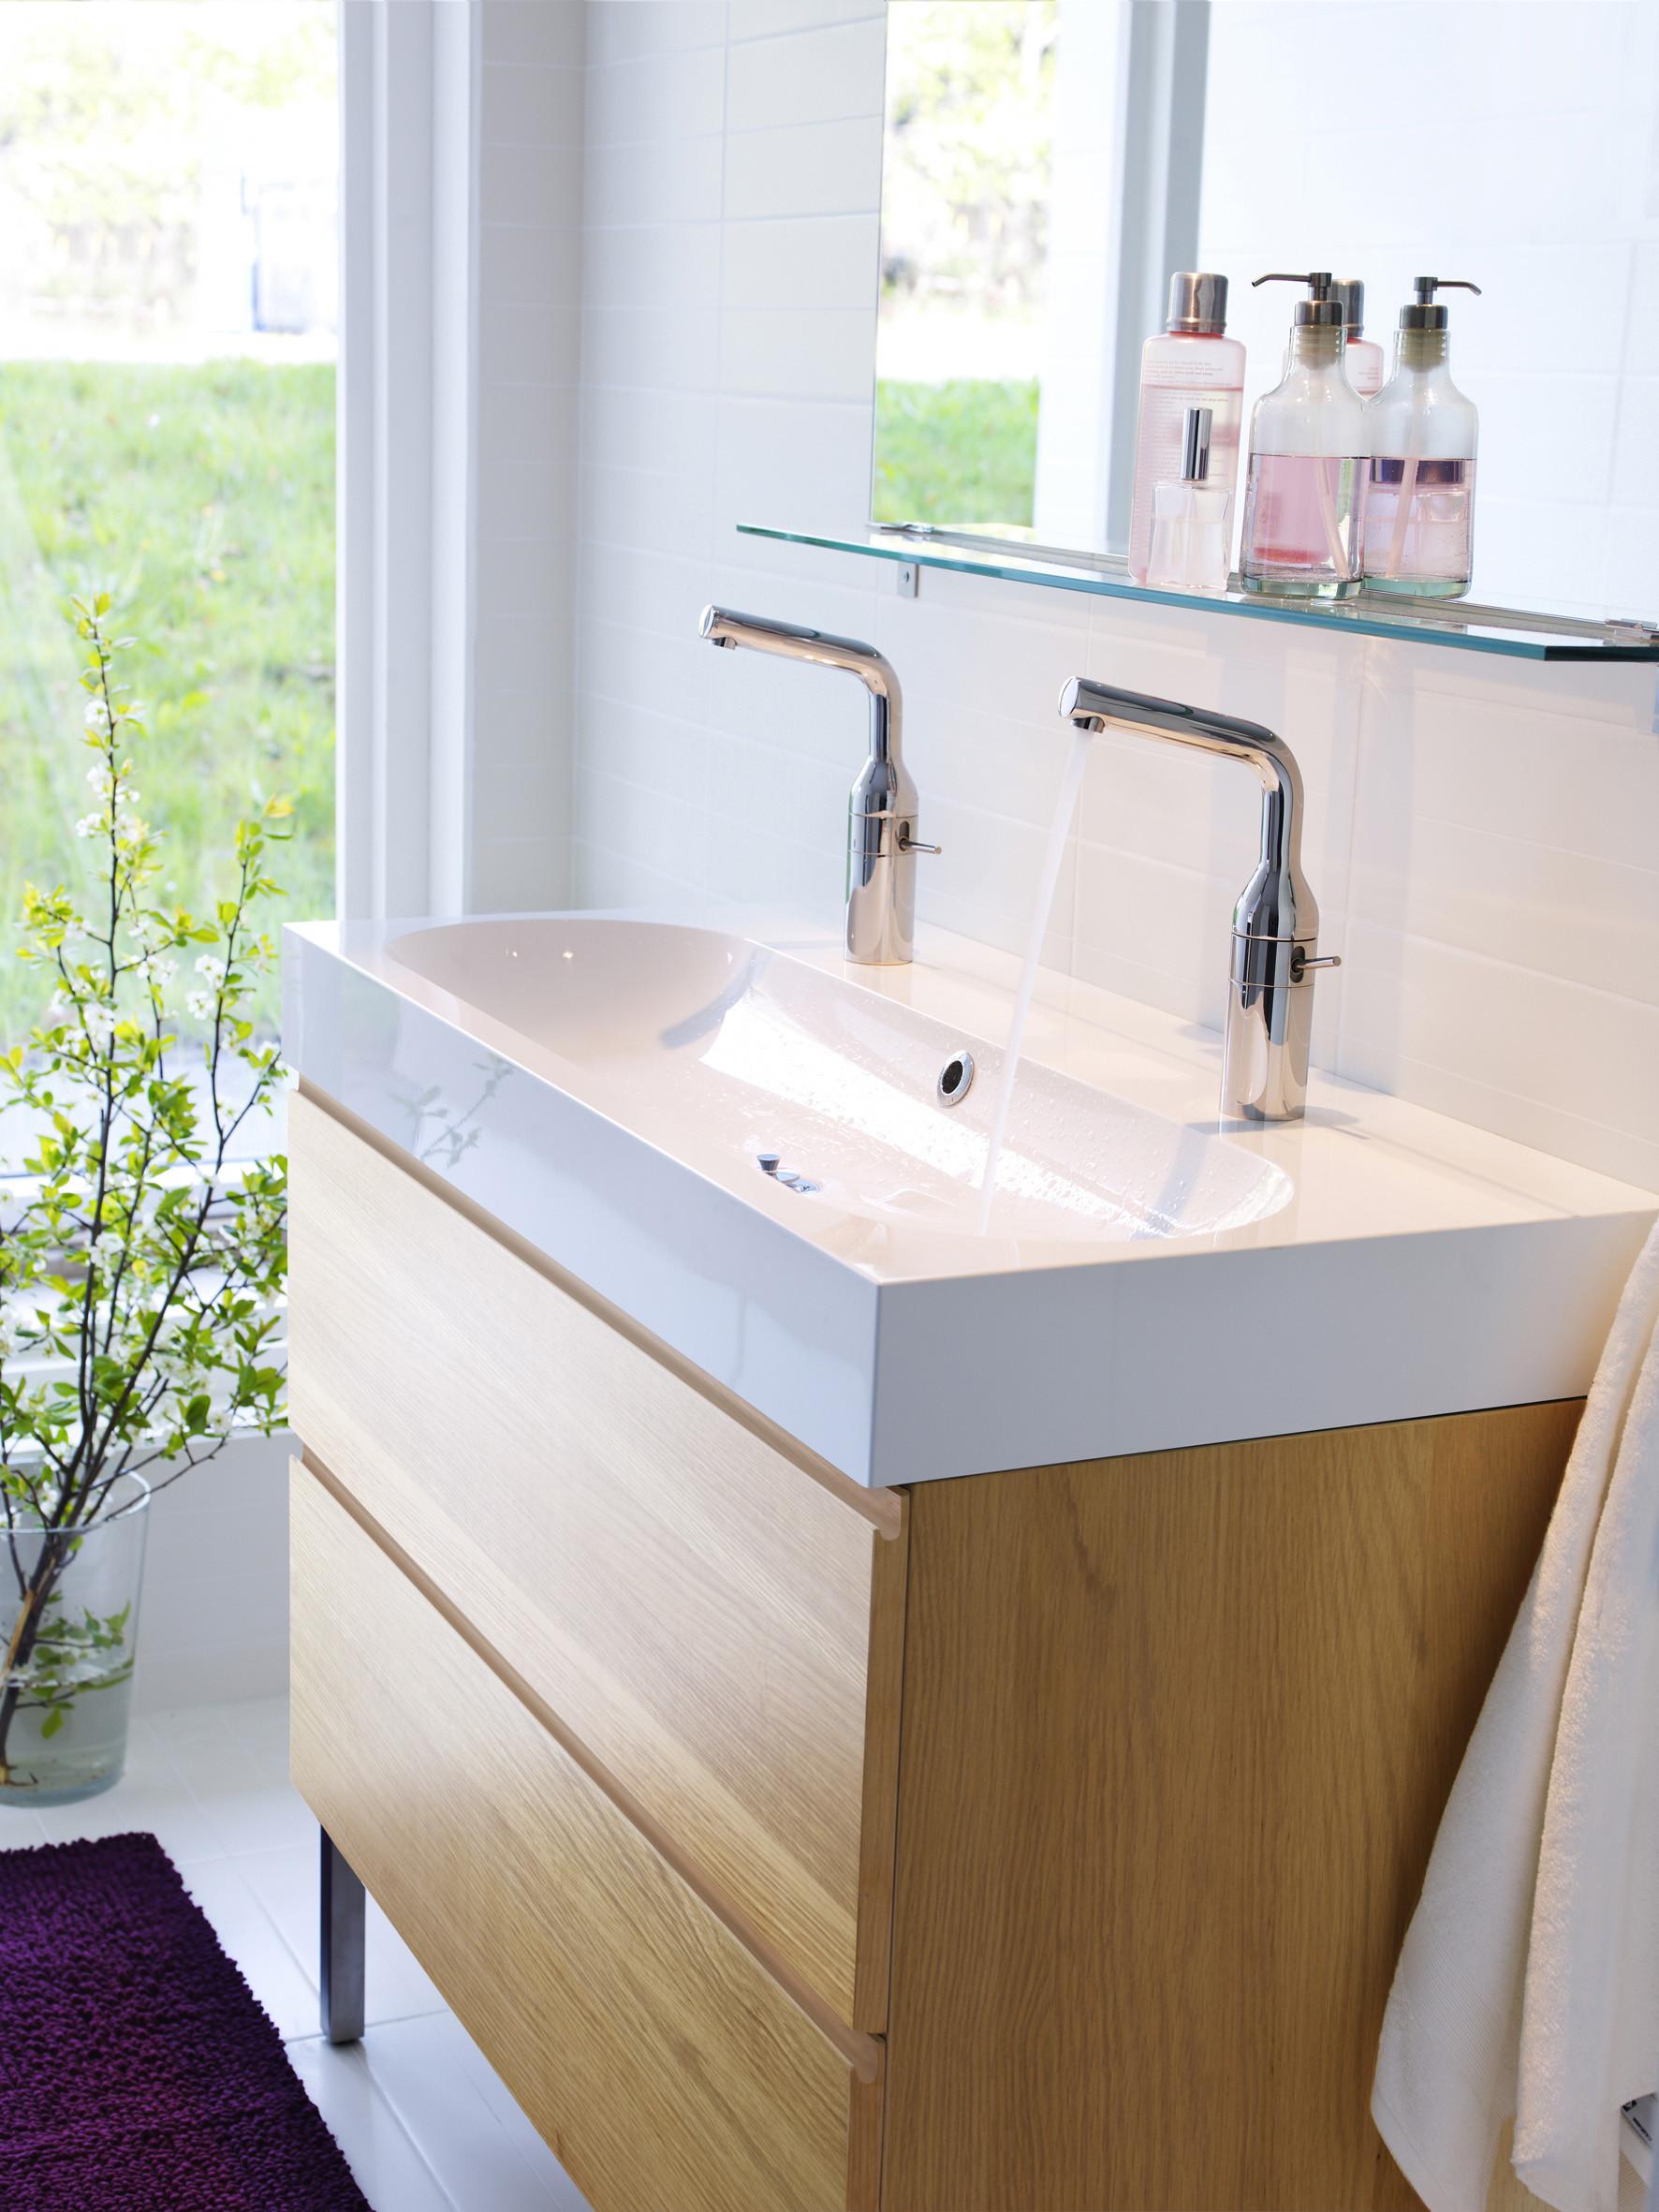 Waschbecken Ikea  Doppel Waschbecken